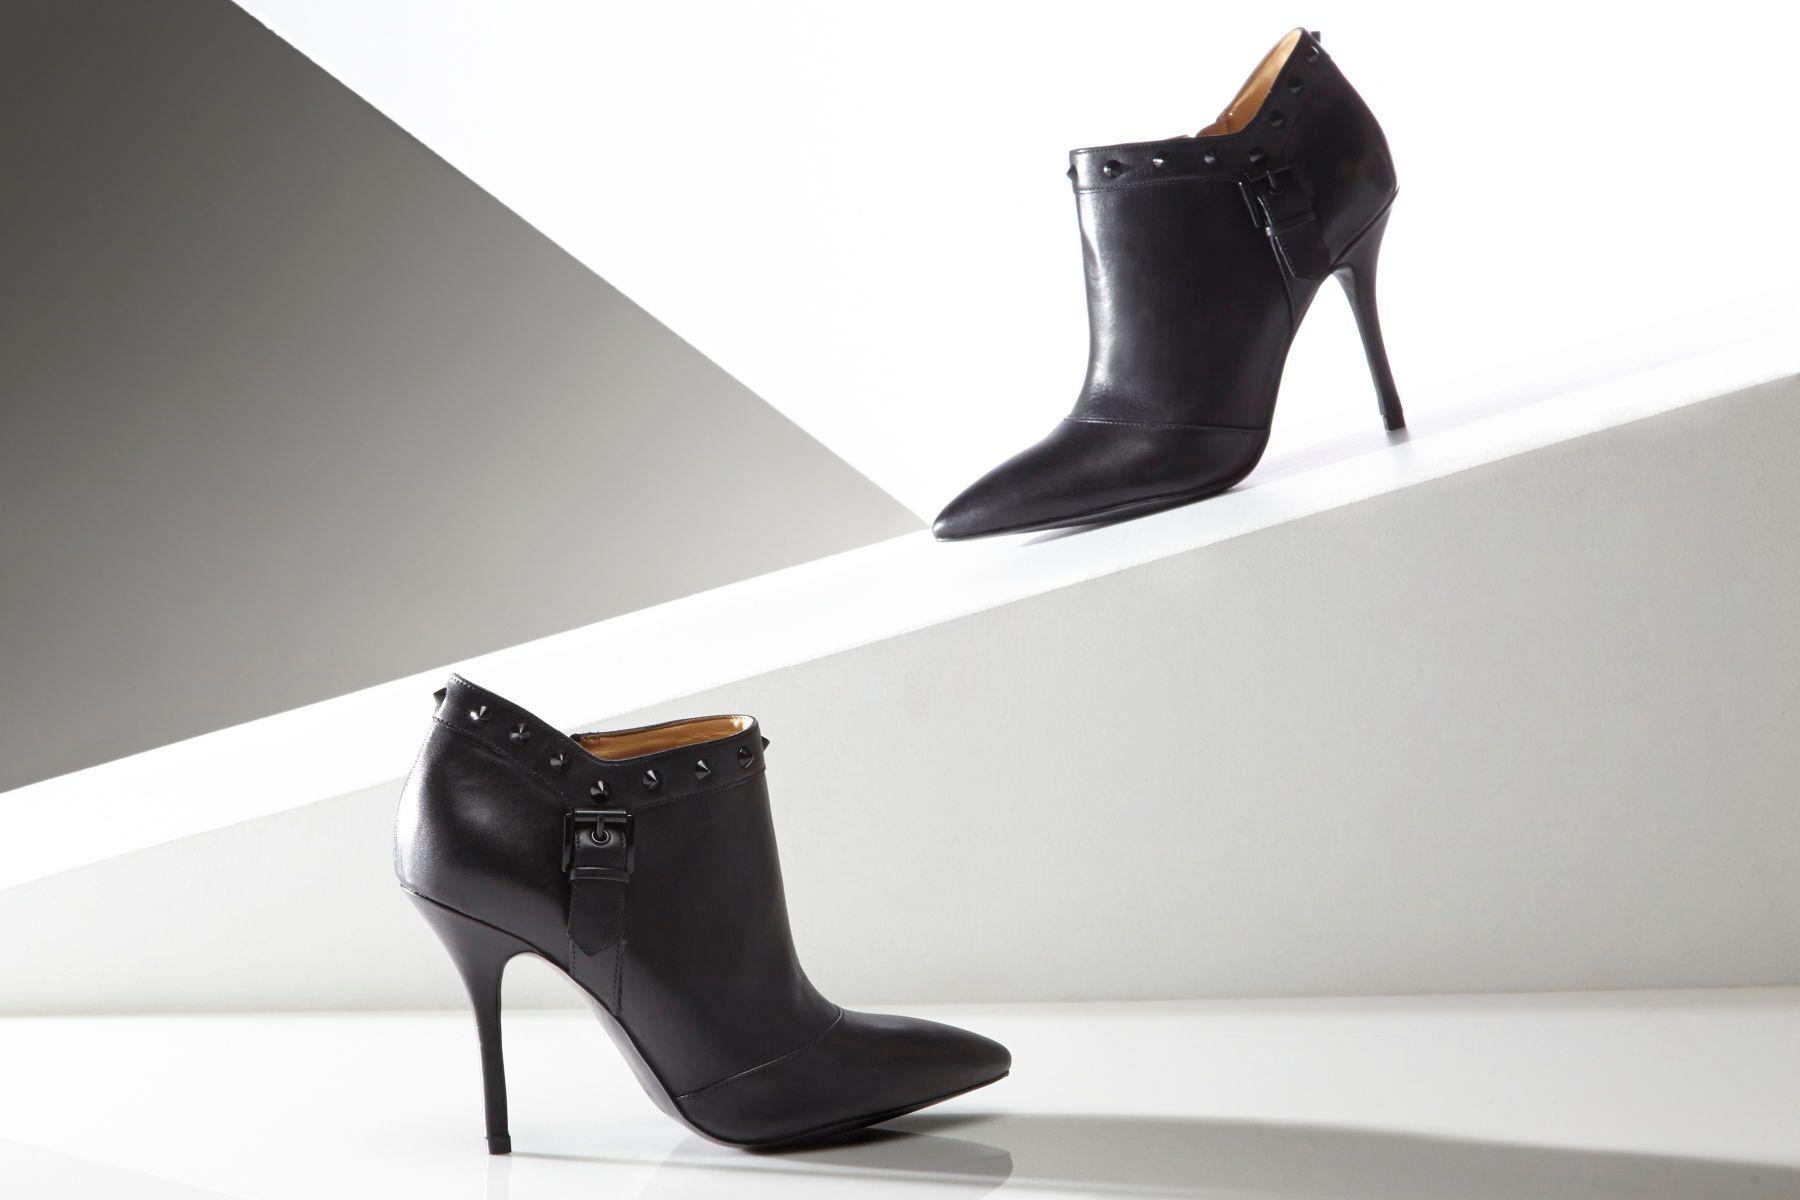 1twoblackshoes.jpg